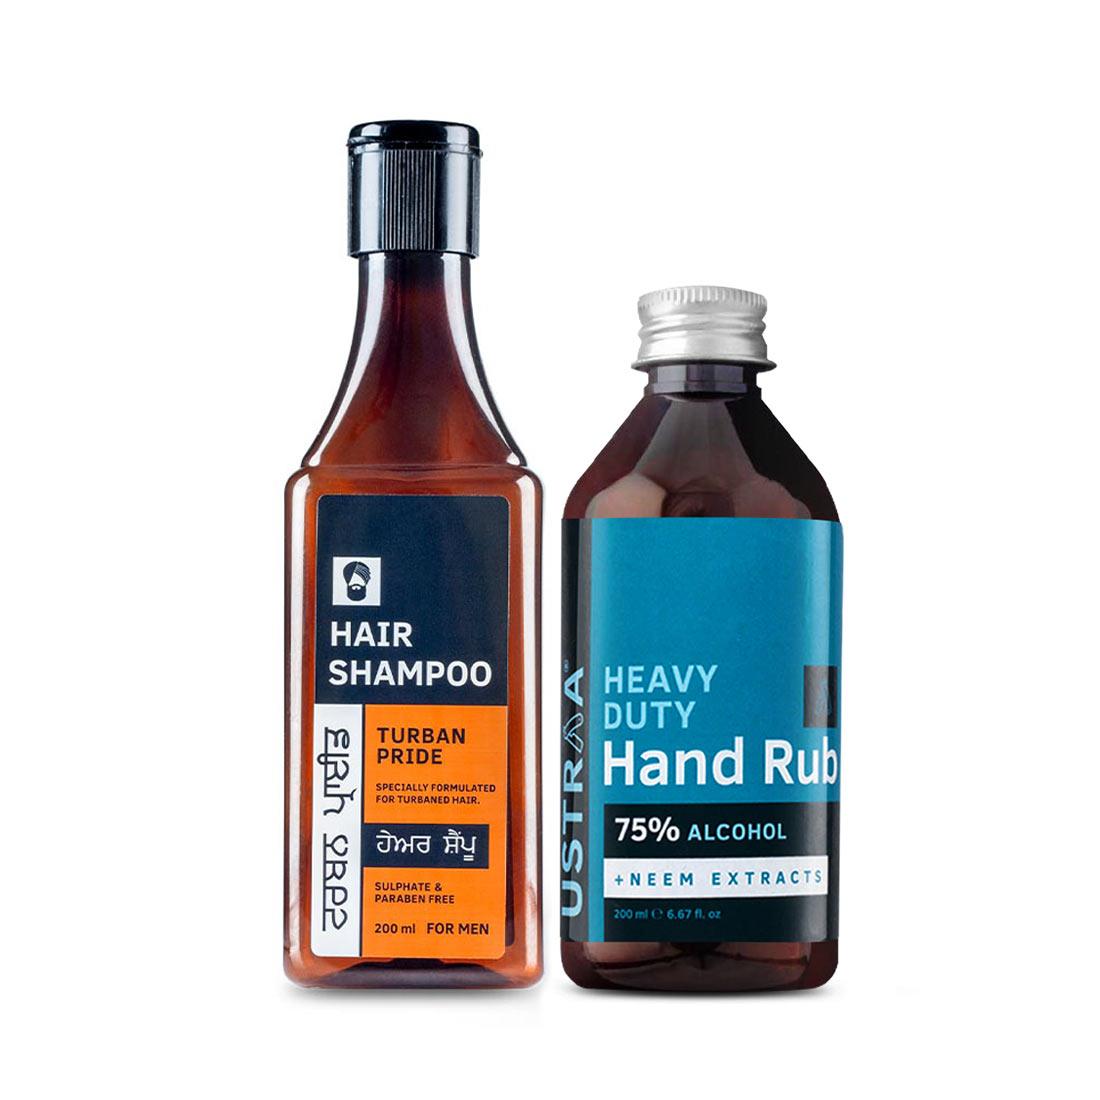 Turban Pride Shampoo and Hand Rub - 200 ml